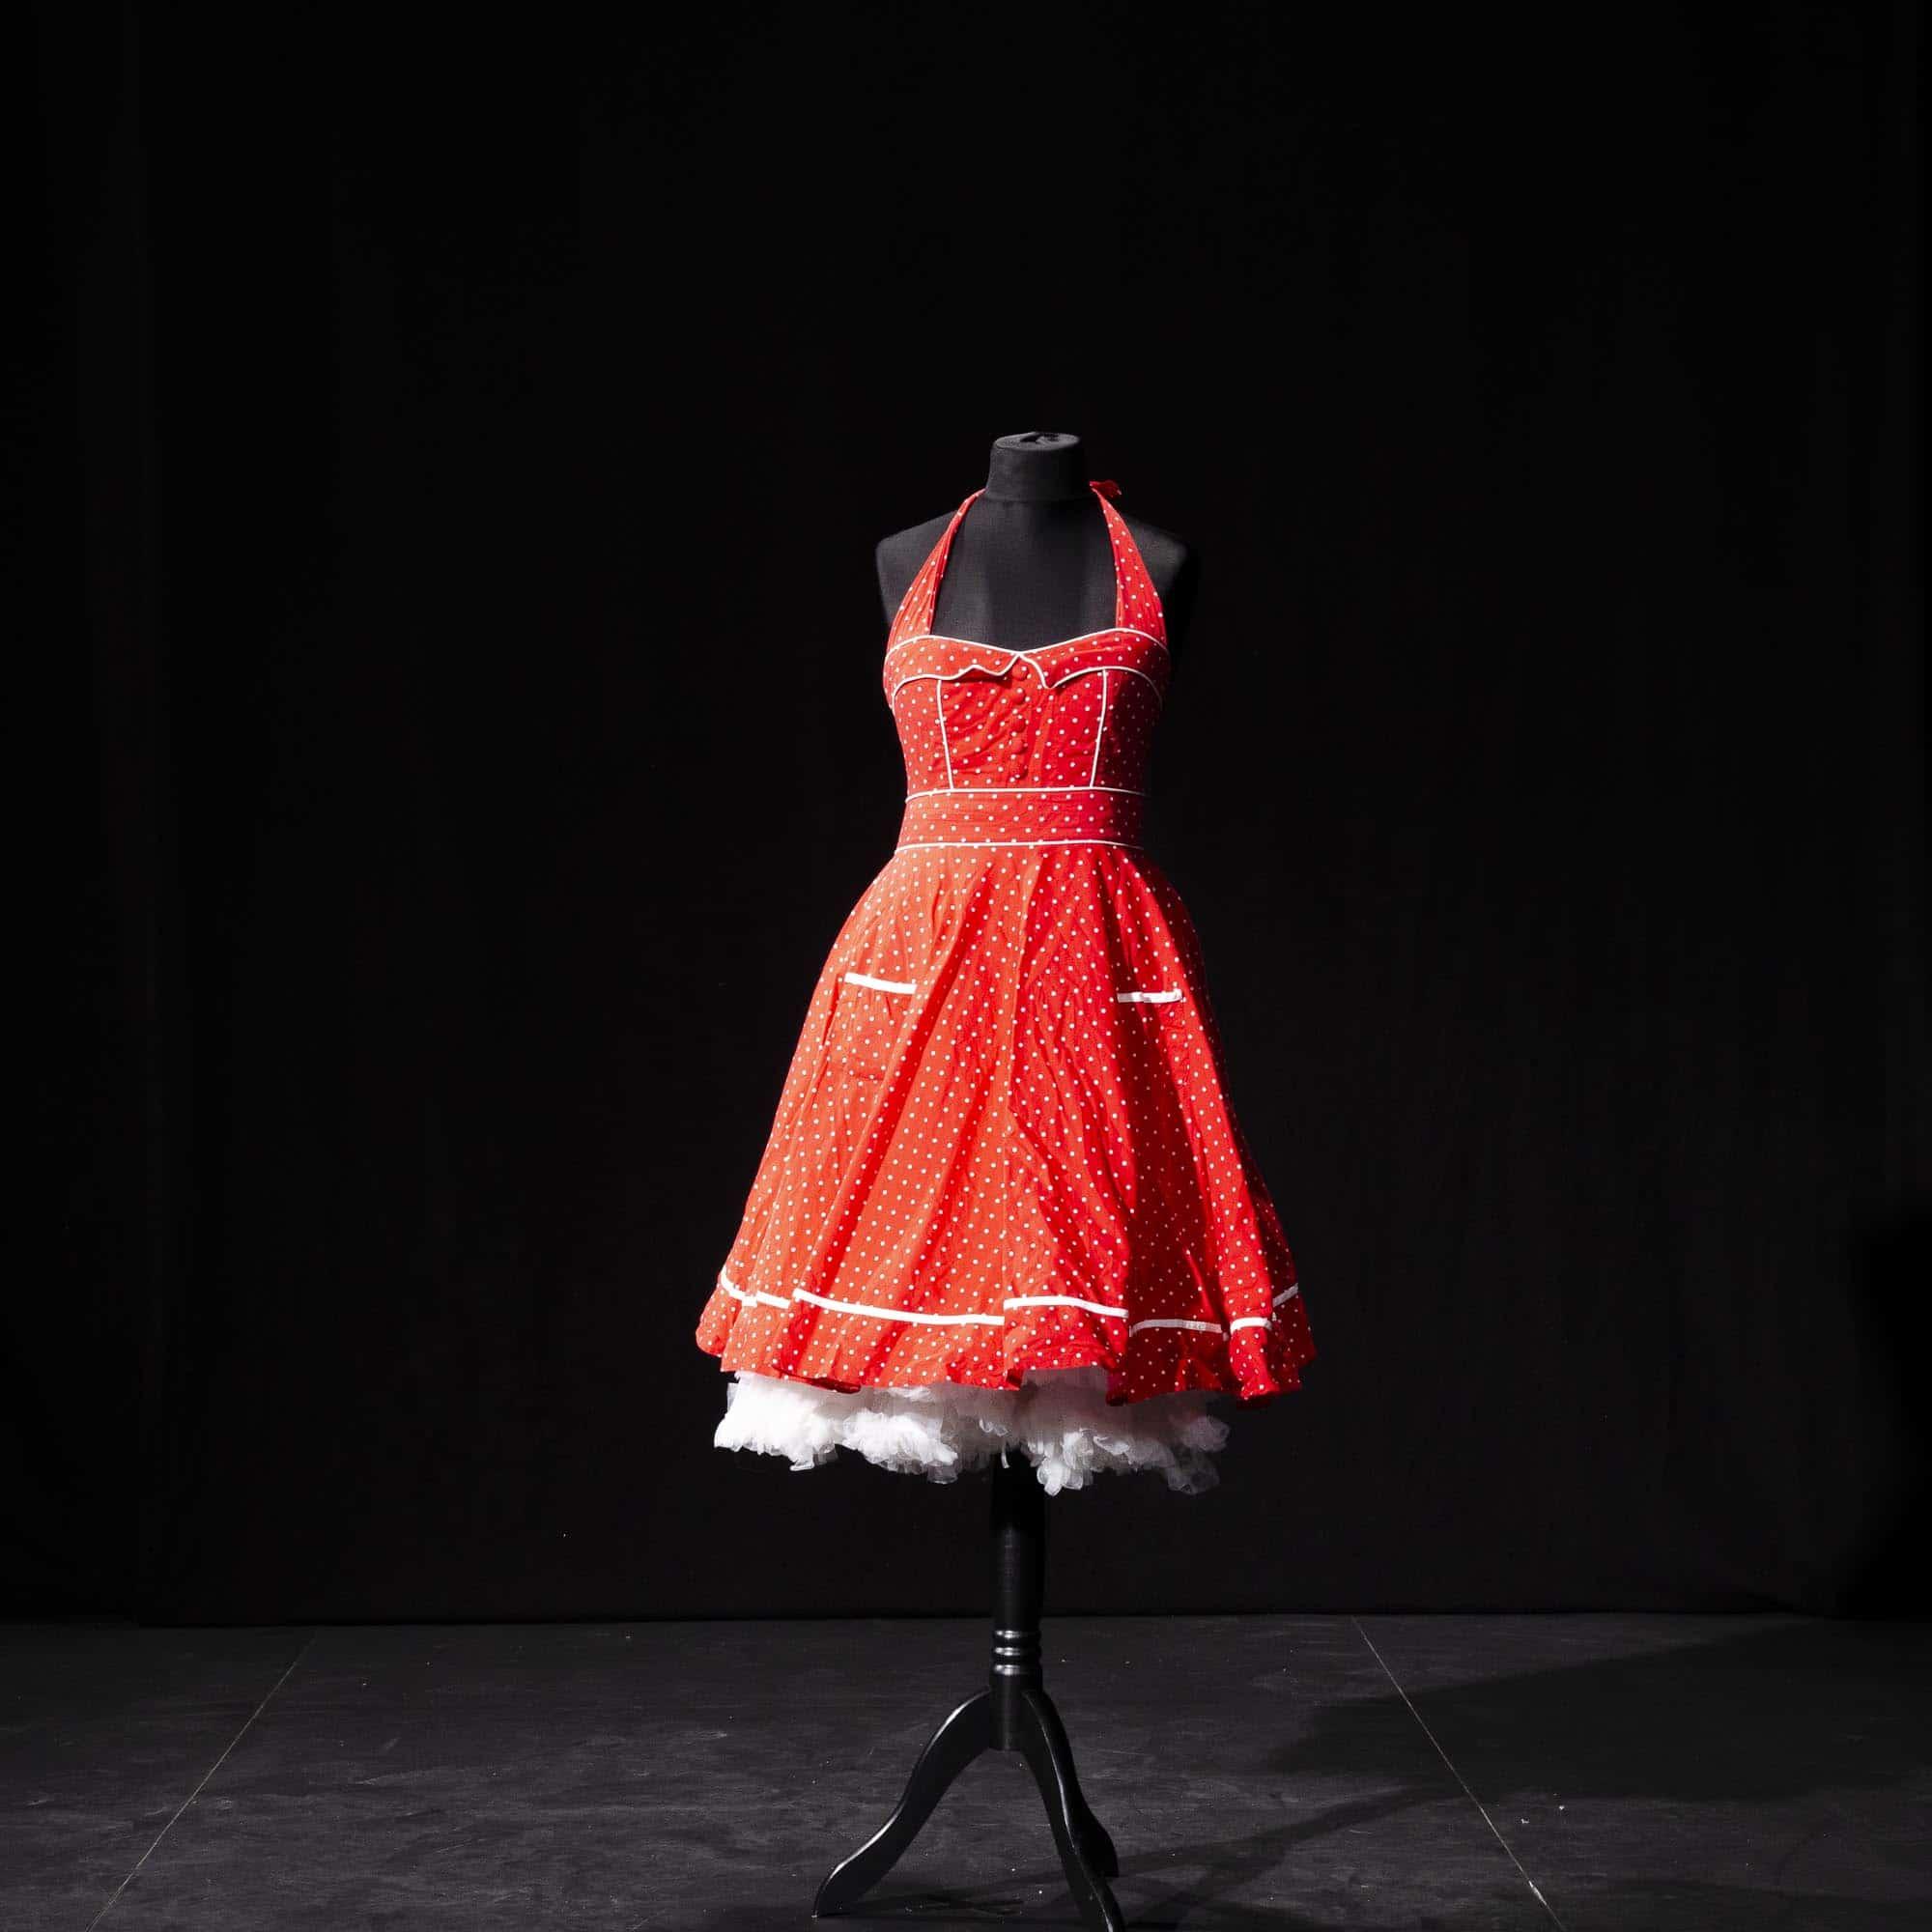 Petticoat PC001